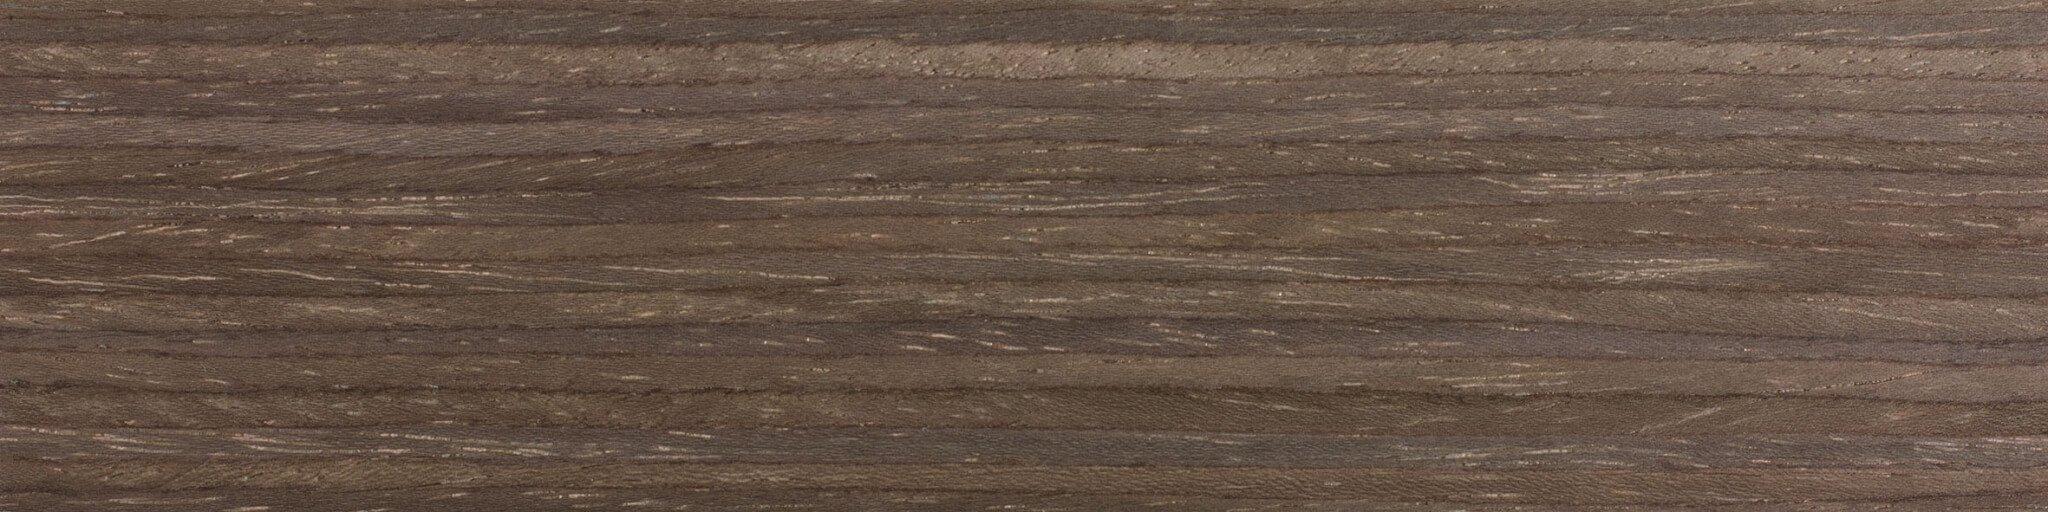 Houten jaloezie 'Plus' 301623 – Rustiek hout – As – Max 2400 mm breed